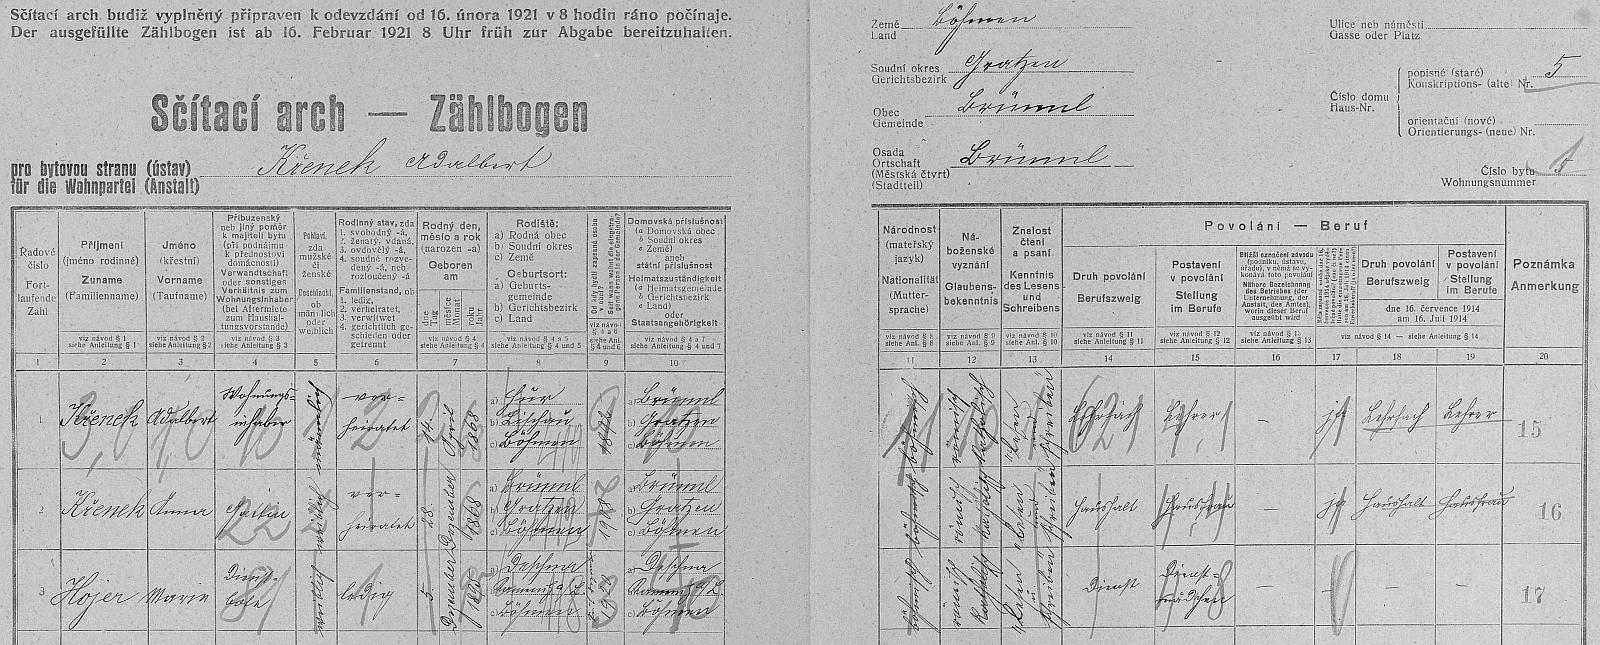 Arch sčítání lidu z roku 1921 pro dům čp. 5 v Dobré Vodě u Nových Hradů